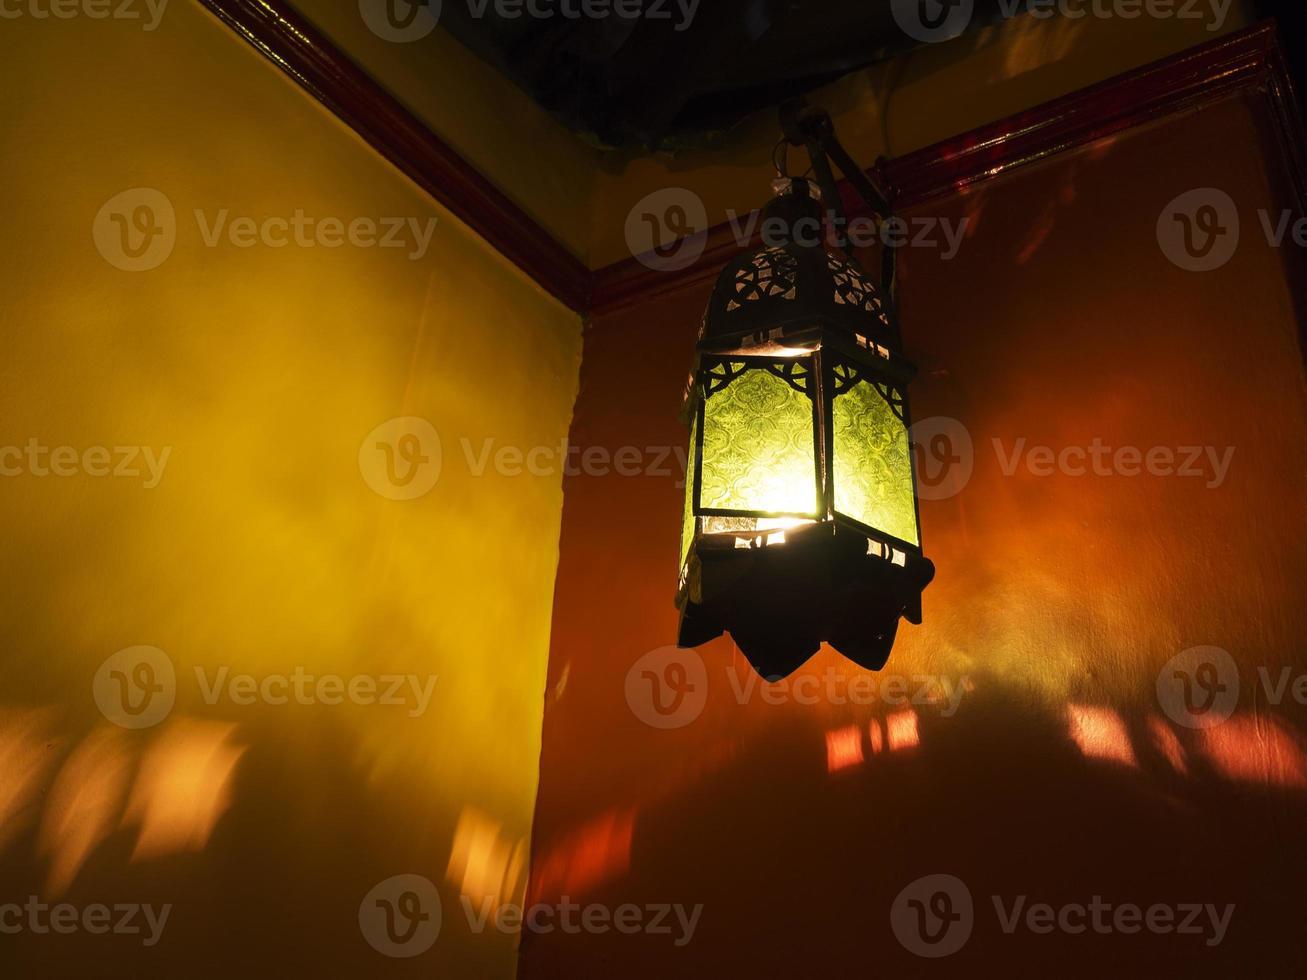 lanterne exotique moyen-orientale de style marocain projetant des ombres photo